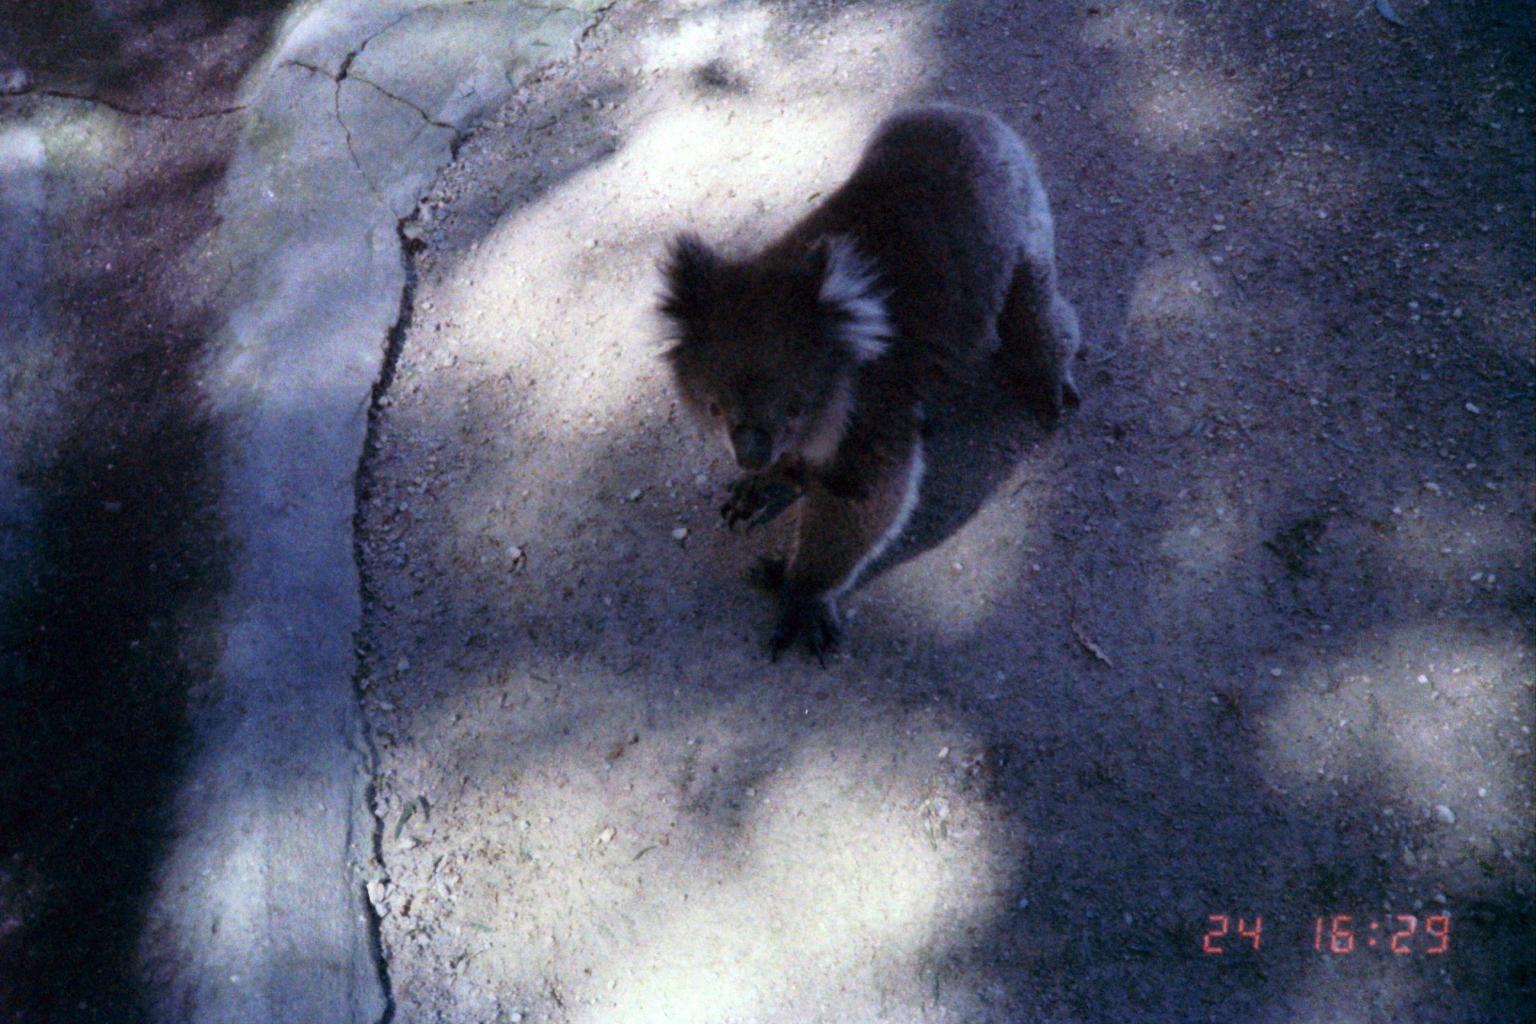 1984_Australia 11-24_(動物園にてコアラ歩く)